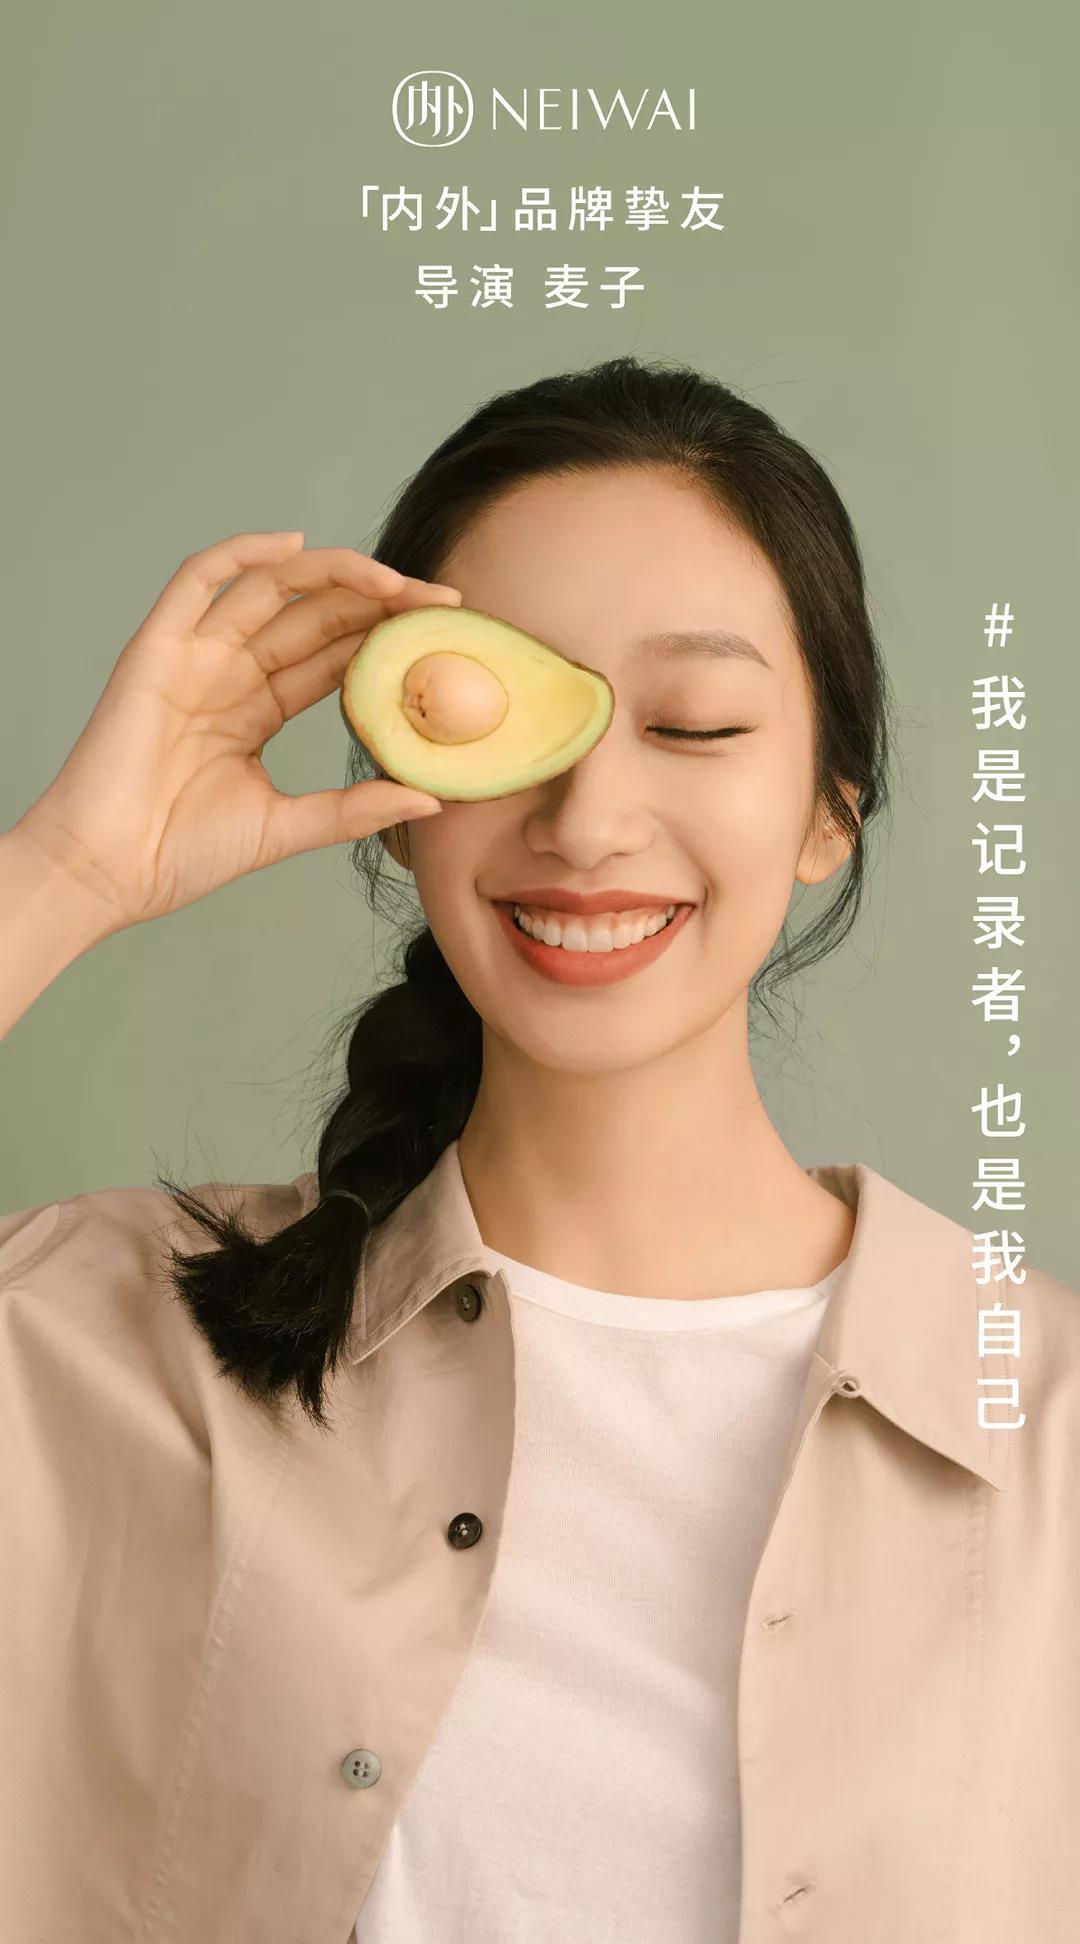 neiwai-maizi-poster